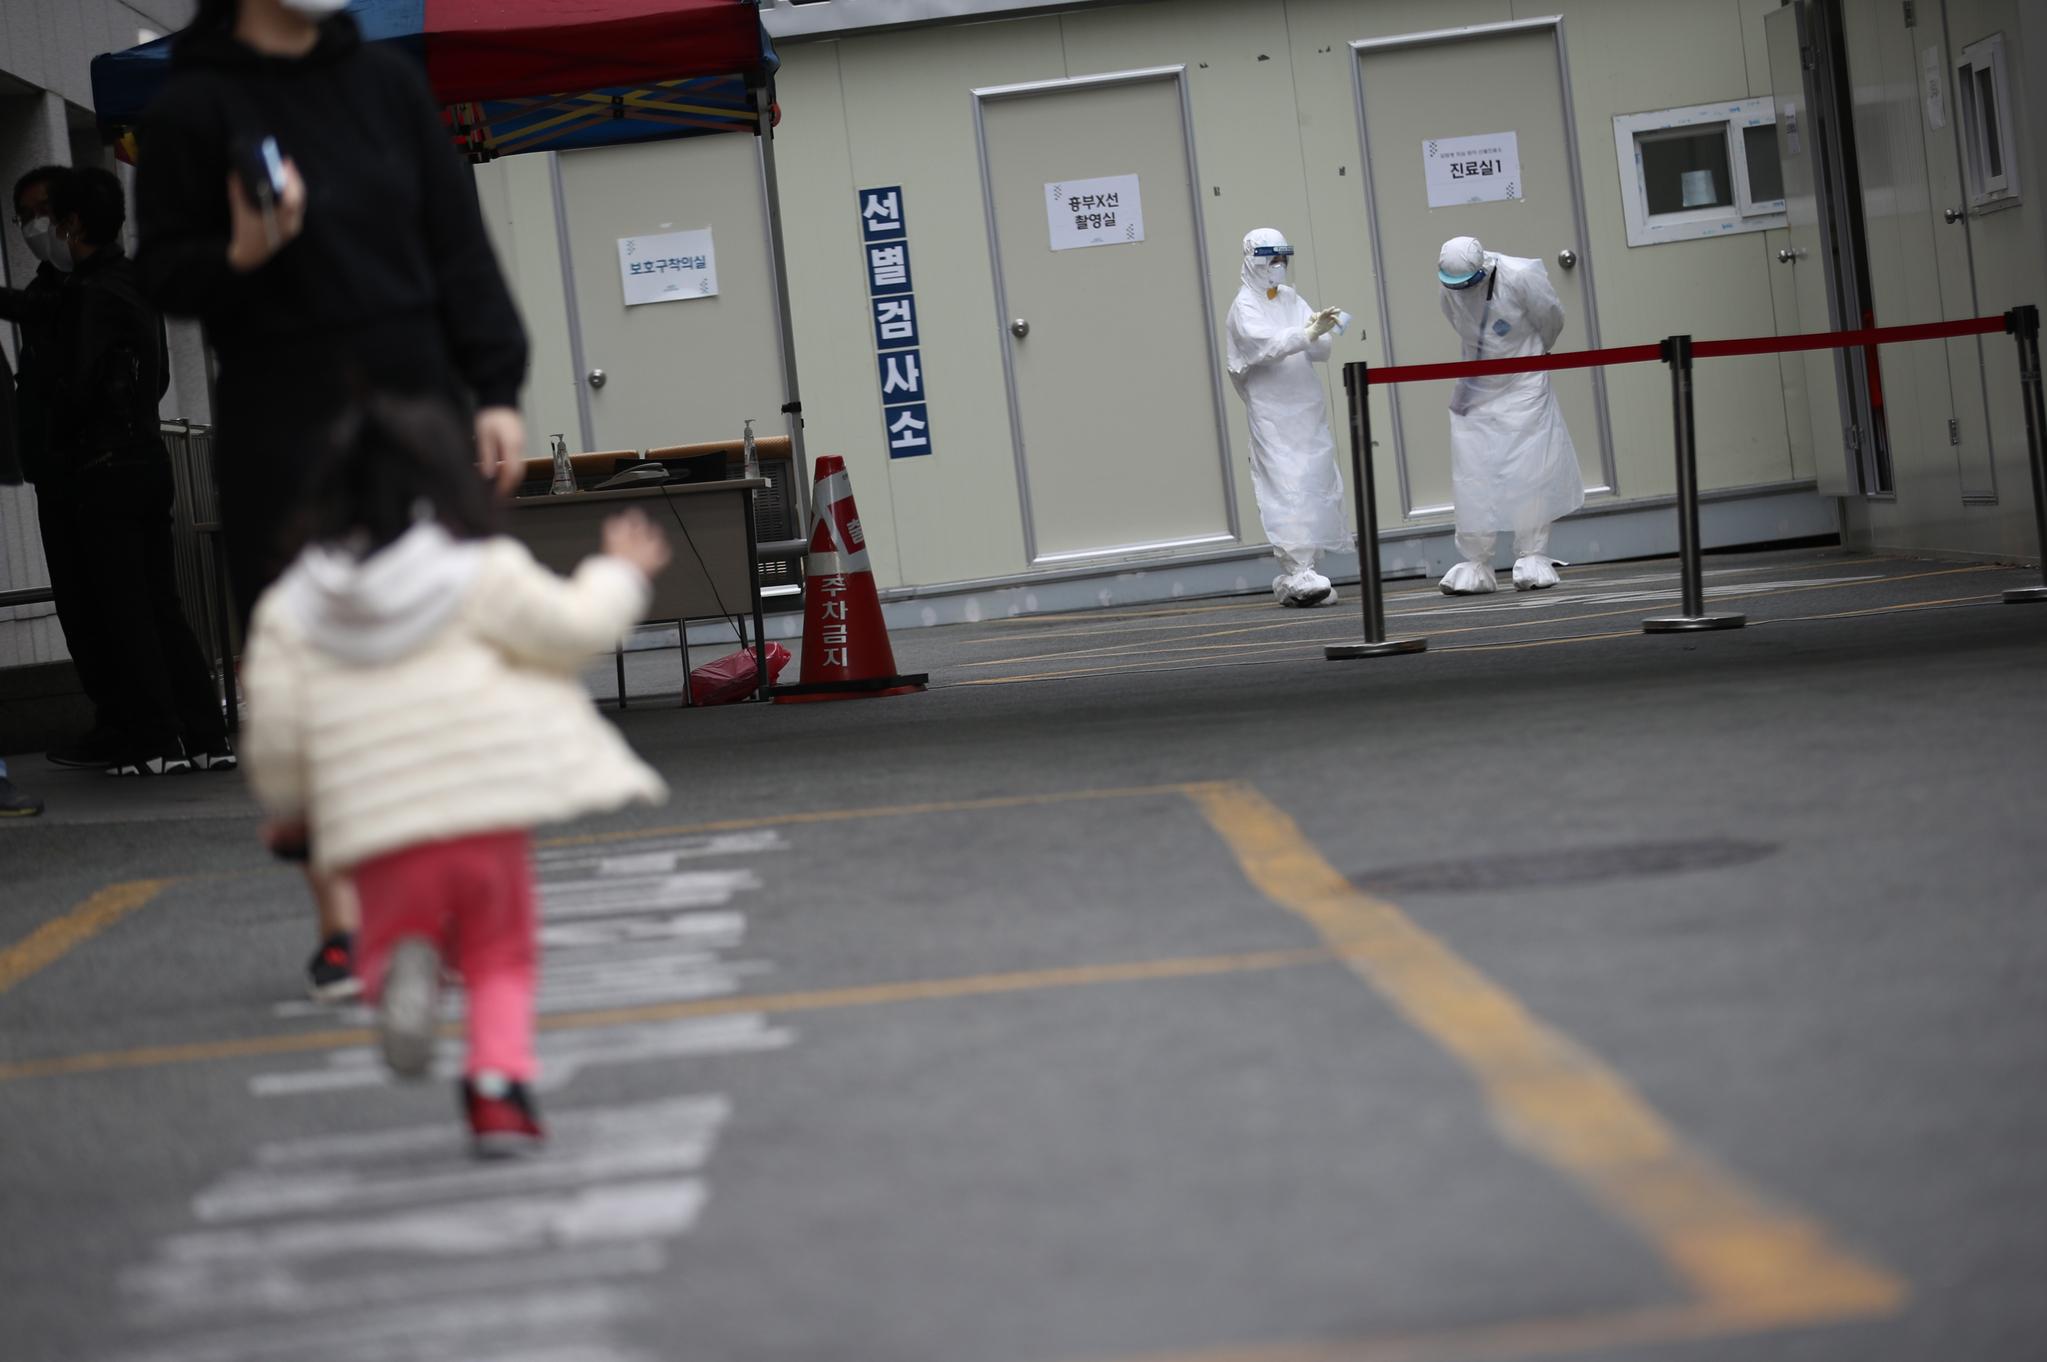 26일 오후 신종 코로나바이러스 감염증(코로나19) 확진자가 다수 발생한 것으로 알려진 대구 동구 파티마병원앞에서 대기중인 의료진과 뛰어가는 한 어린이의 모습. 연합뉴스